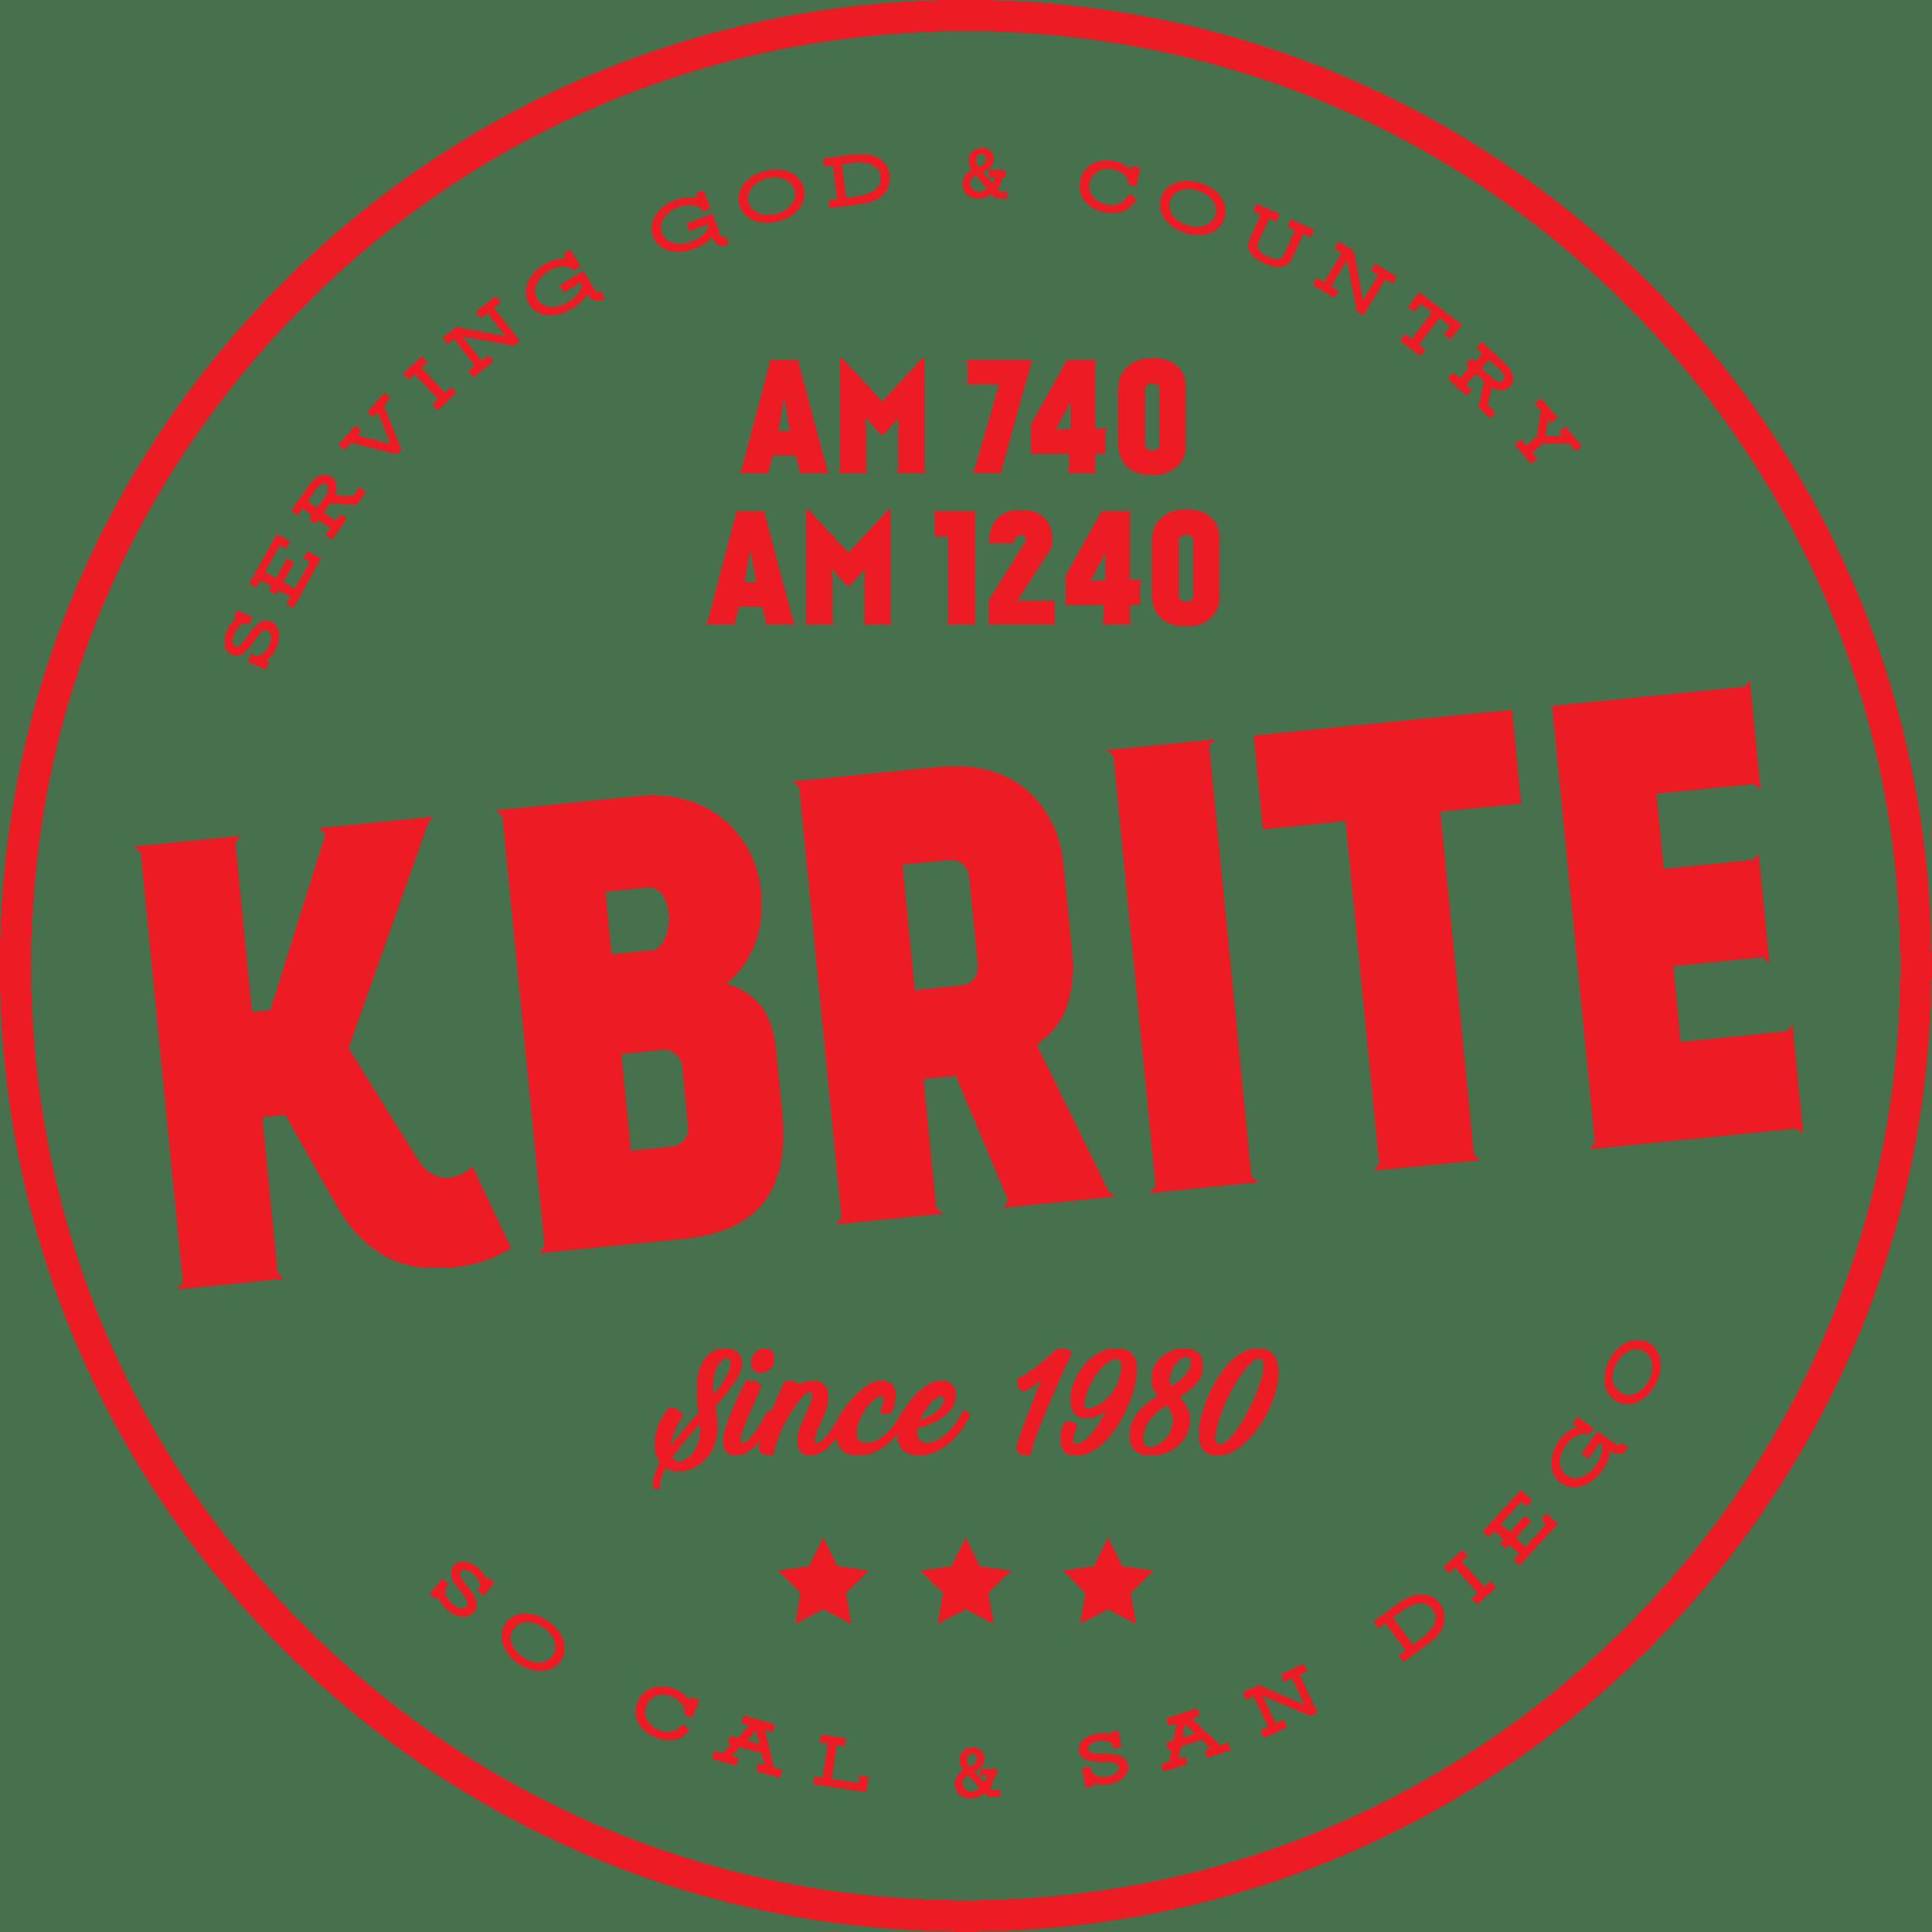 K-Brite radio